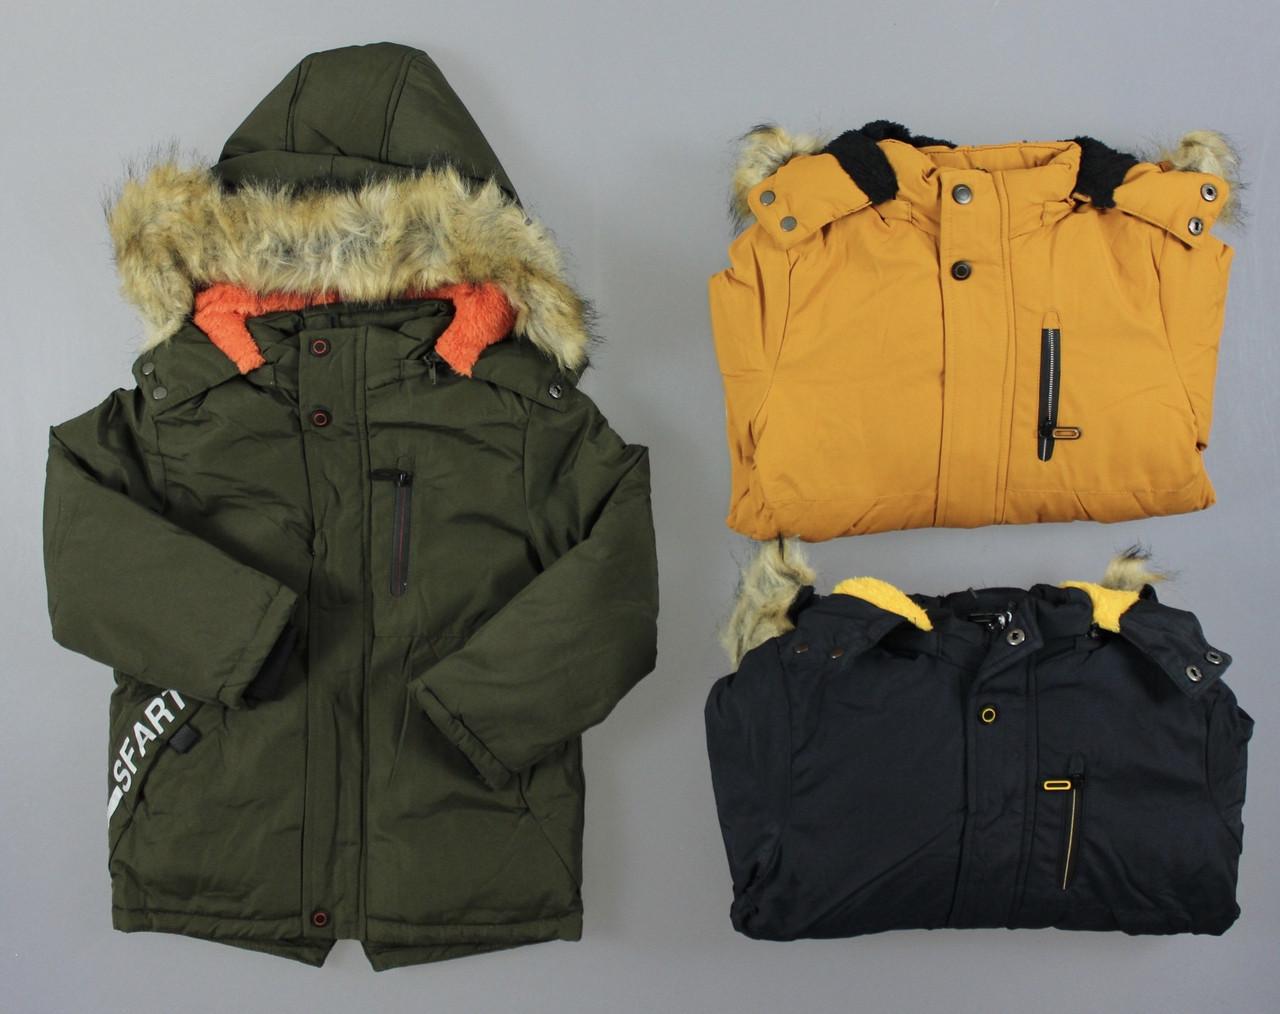 {есть:1 год} Куртка на меху для мальчиков Setty Koop, . Артикул: CD1919 [1 год]